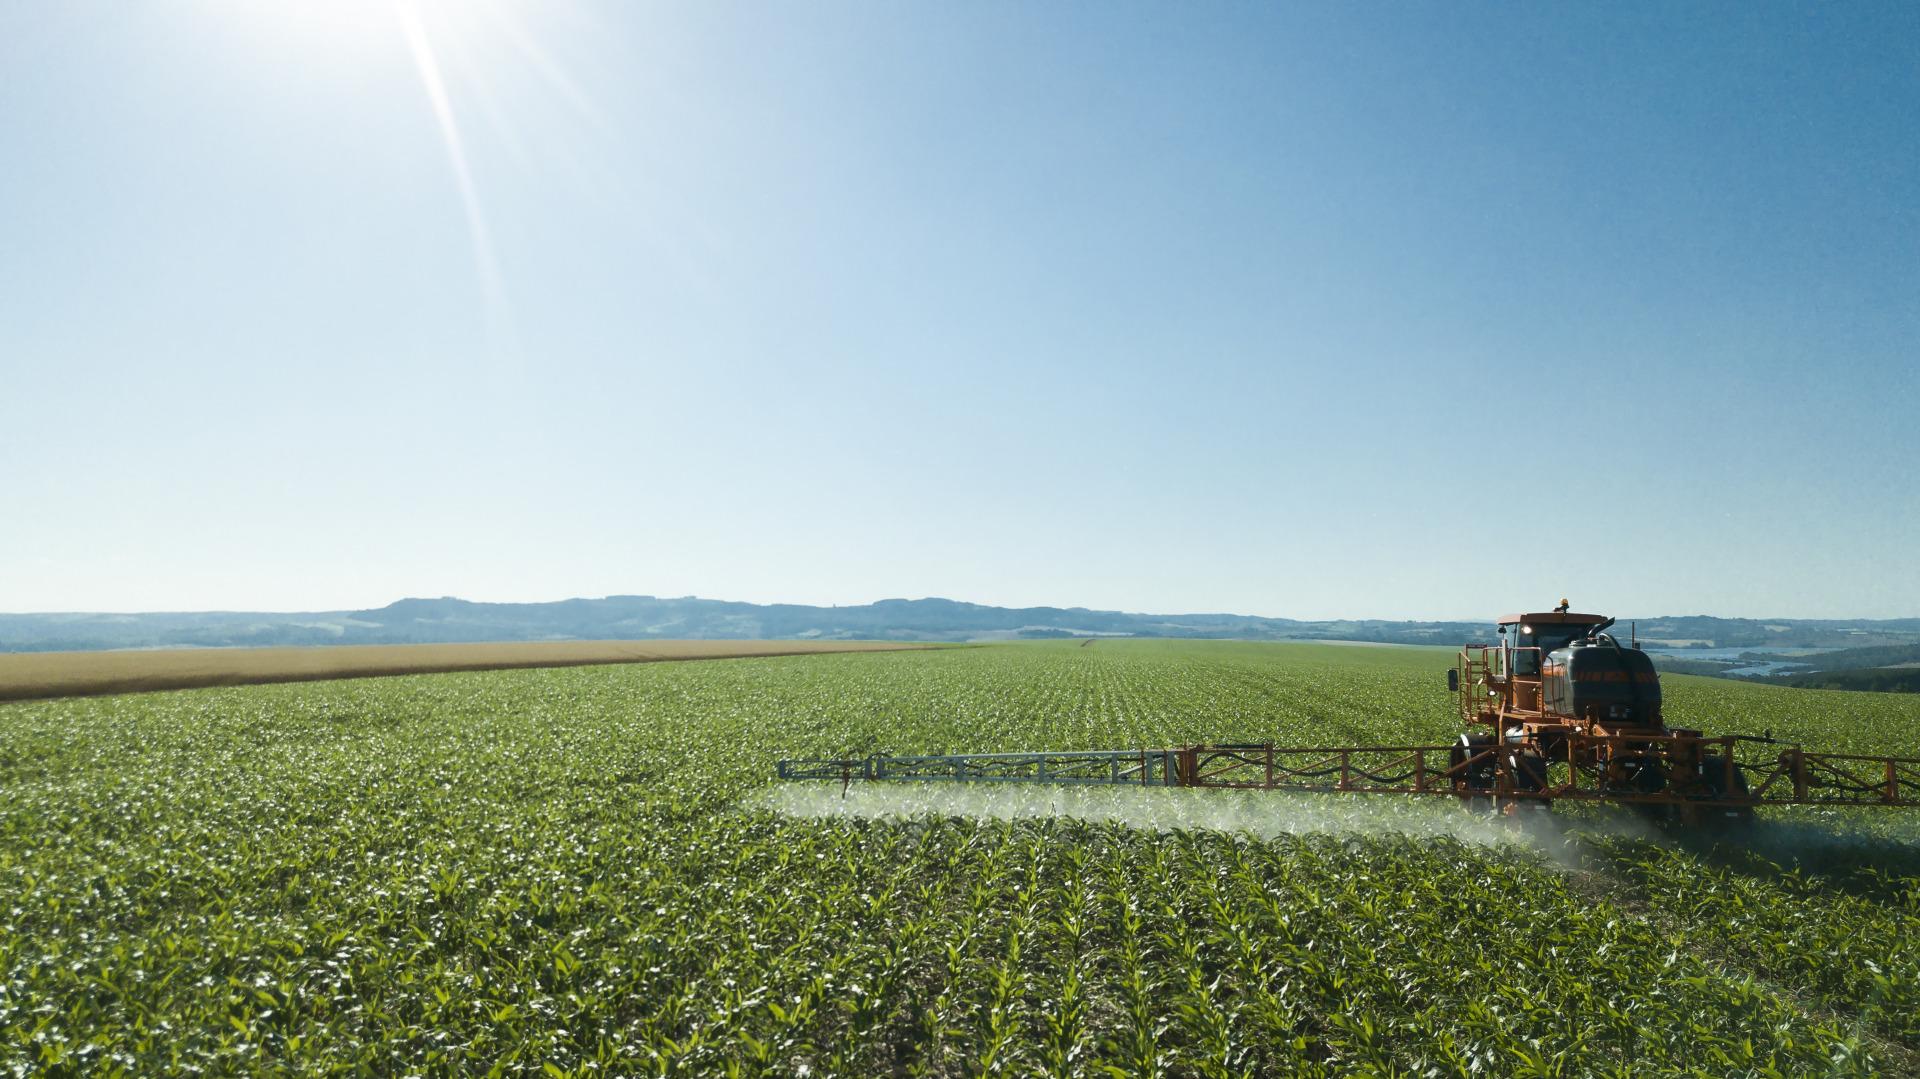 Parceria entre Jacto e Koppert vai desenvolver soluções e tecnologias para facilitar a adoção do manejo integrado de pragas e controle biológico